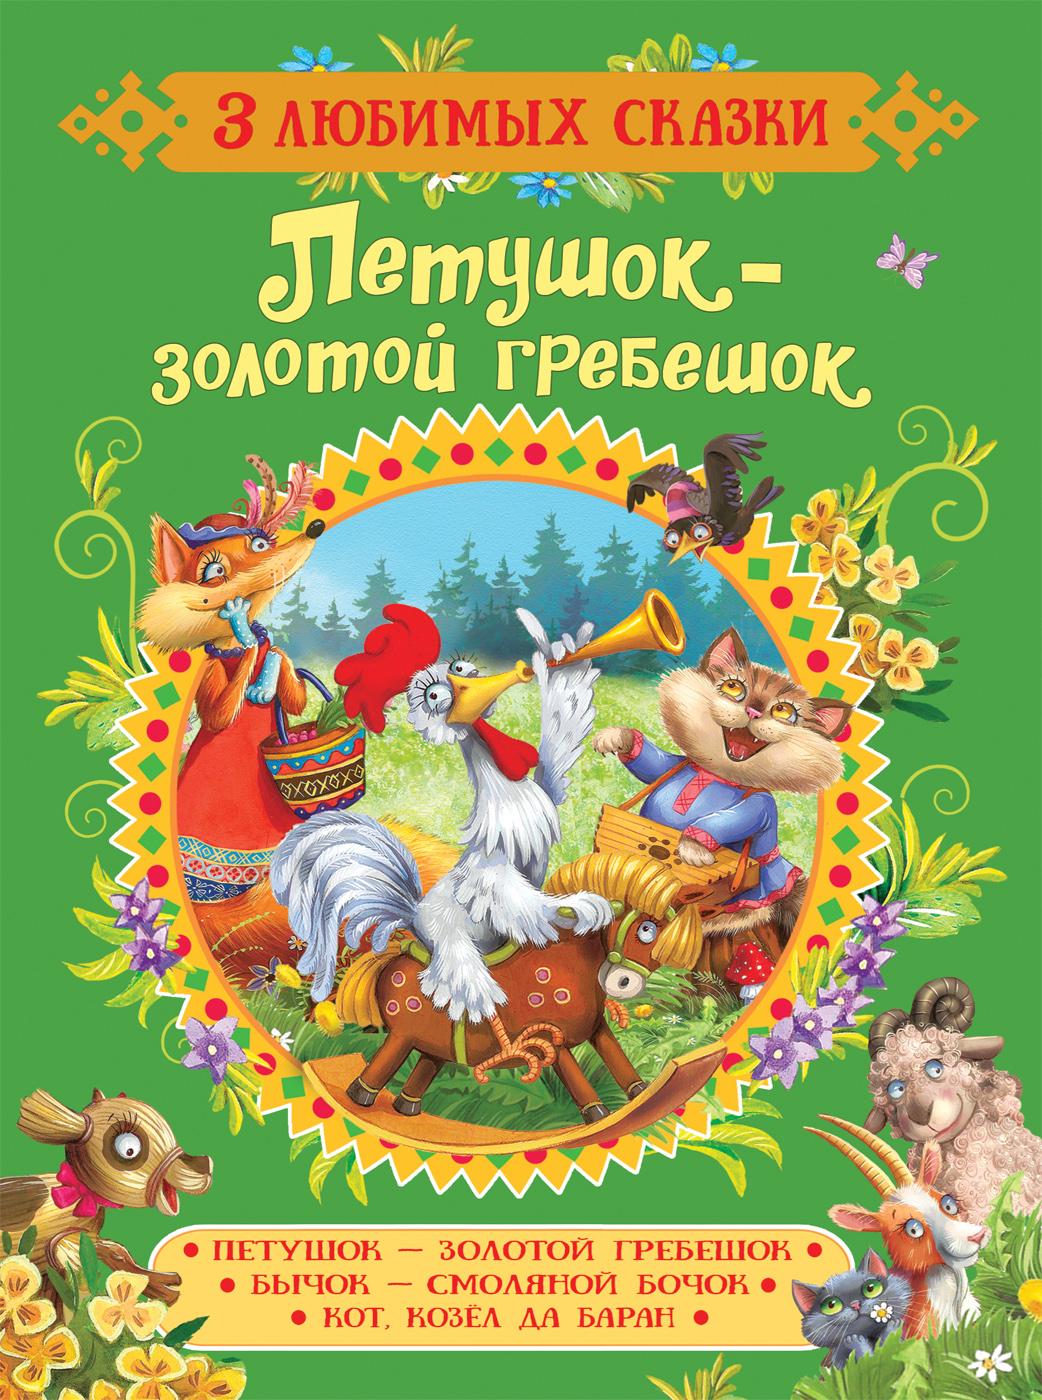 Капица О. И., Толстой А. Н. и др. Петушок-золотой гребешок.Сказки (3 любимых сказки) к д ушинский а н толстой о капица в п аникин и др все самые любимые русские народные сказки